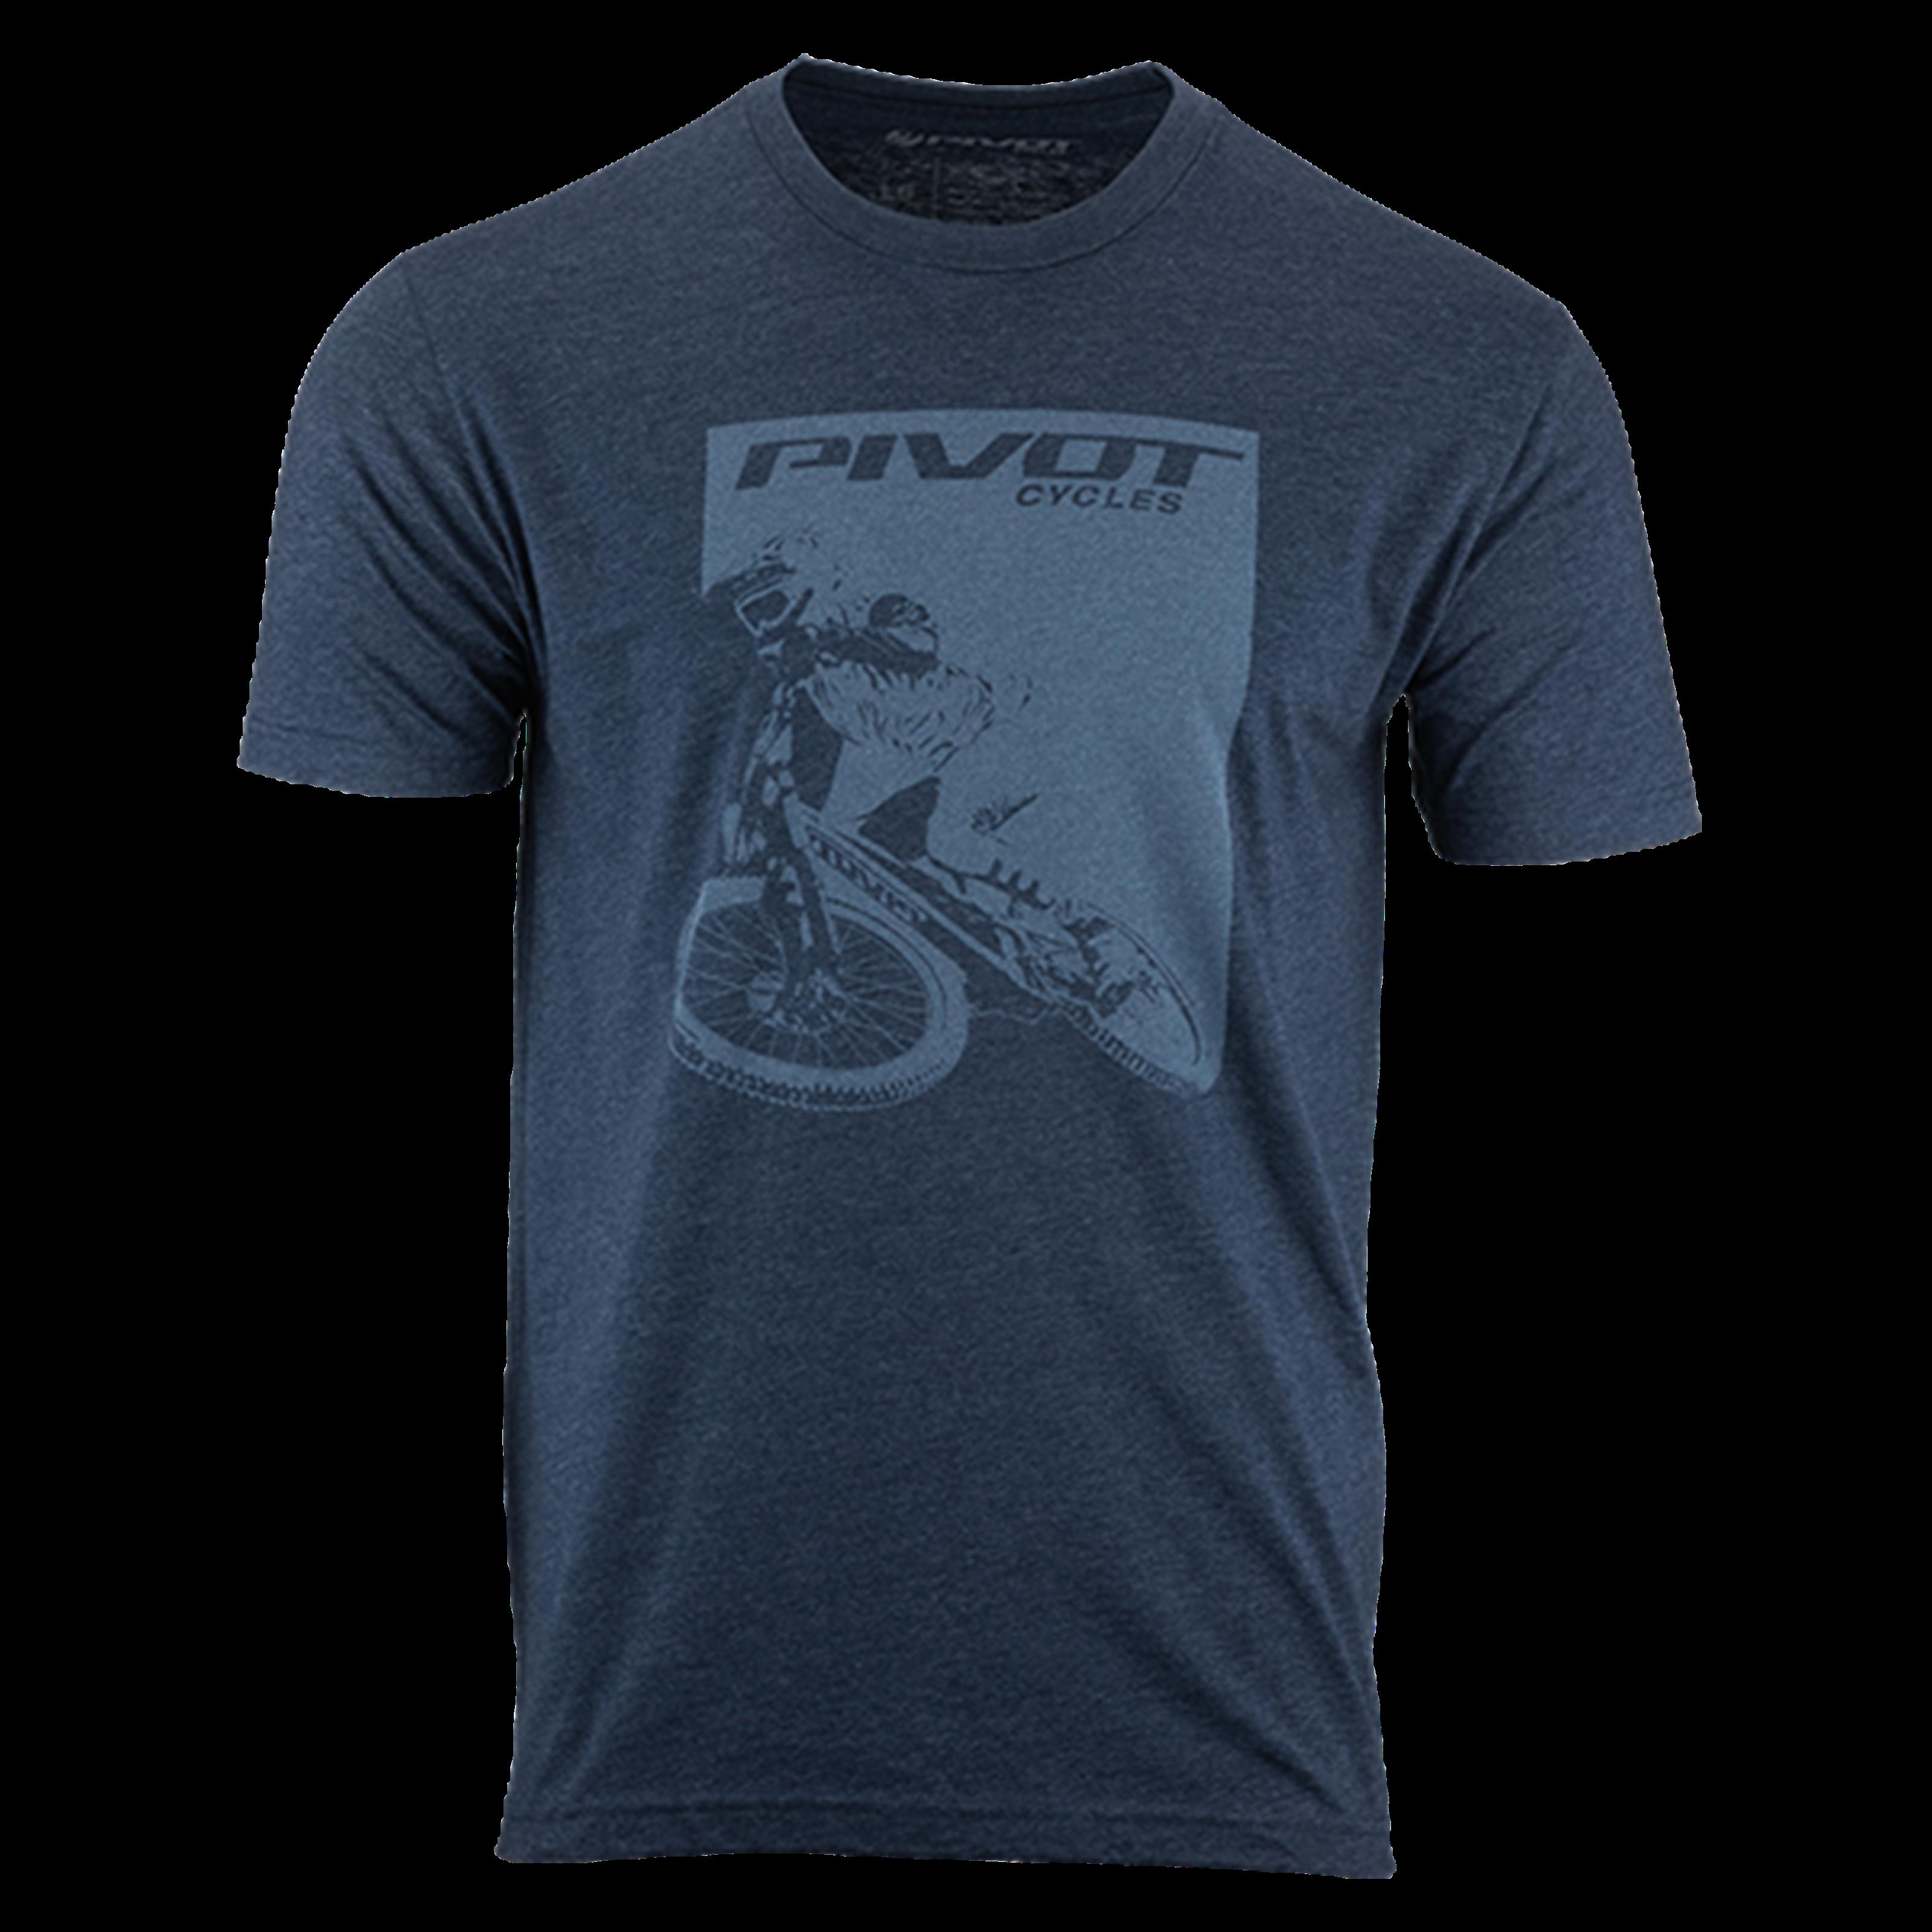 Pivot Rider Men's Tee - Navy